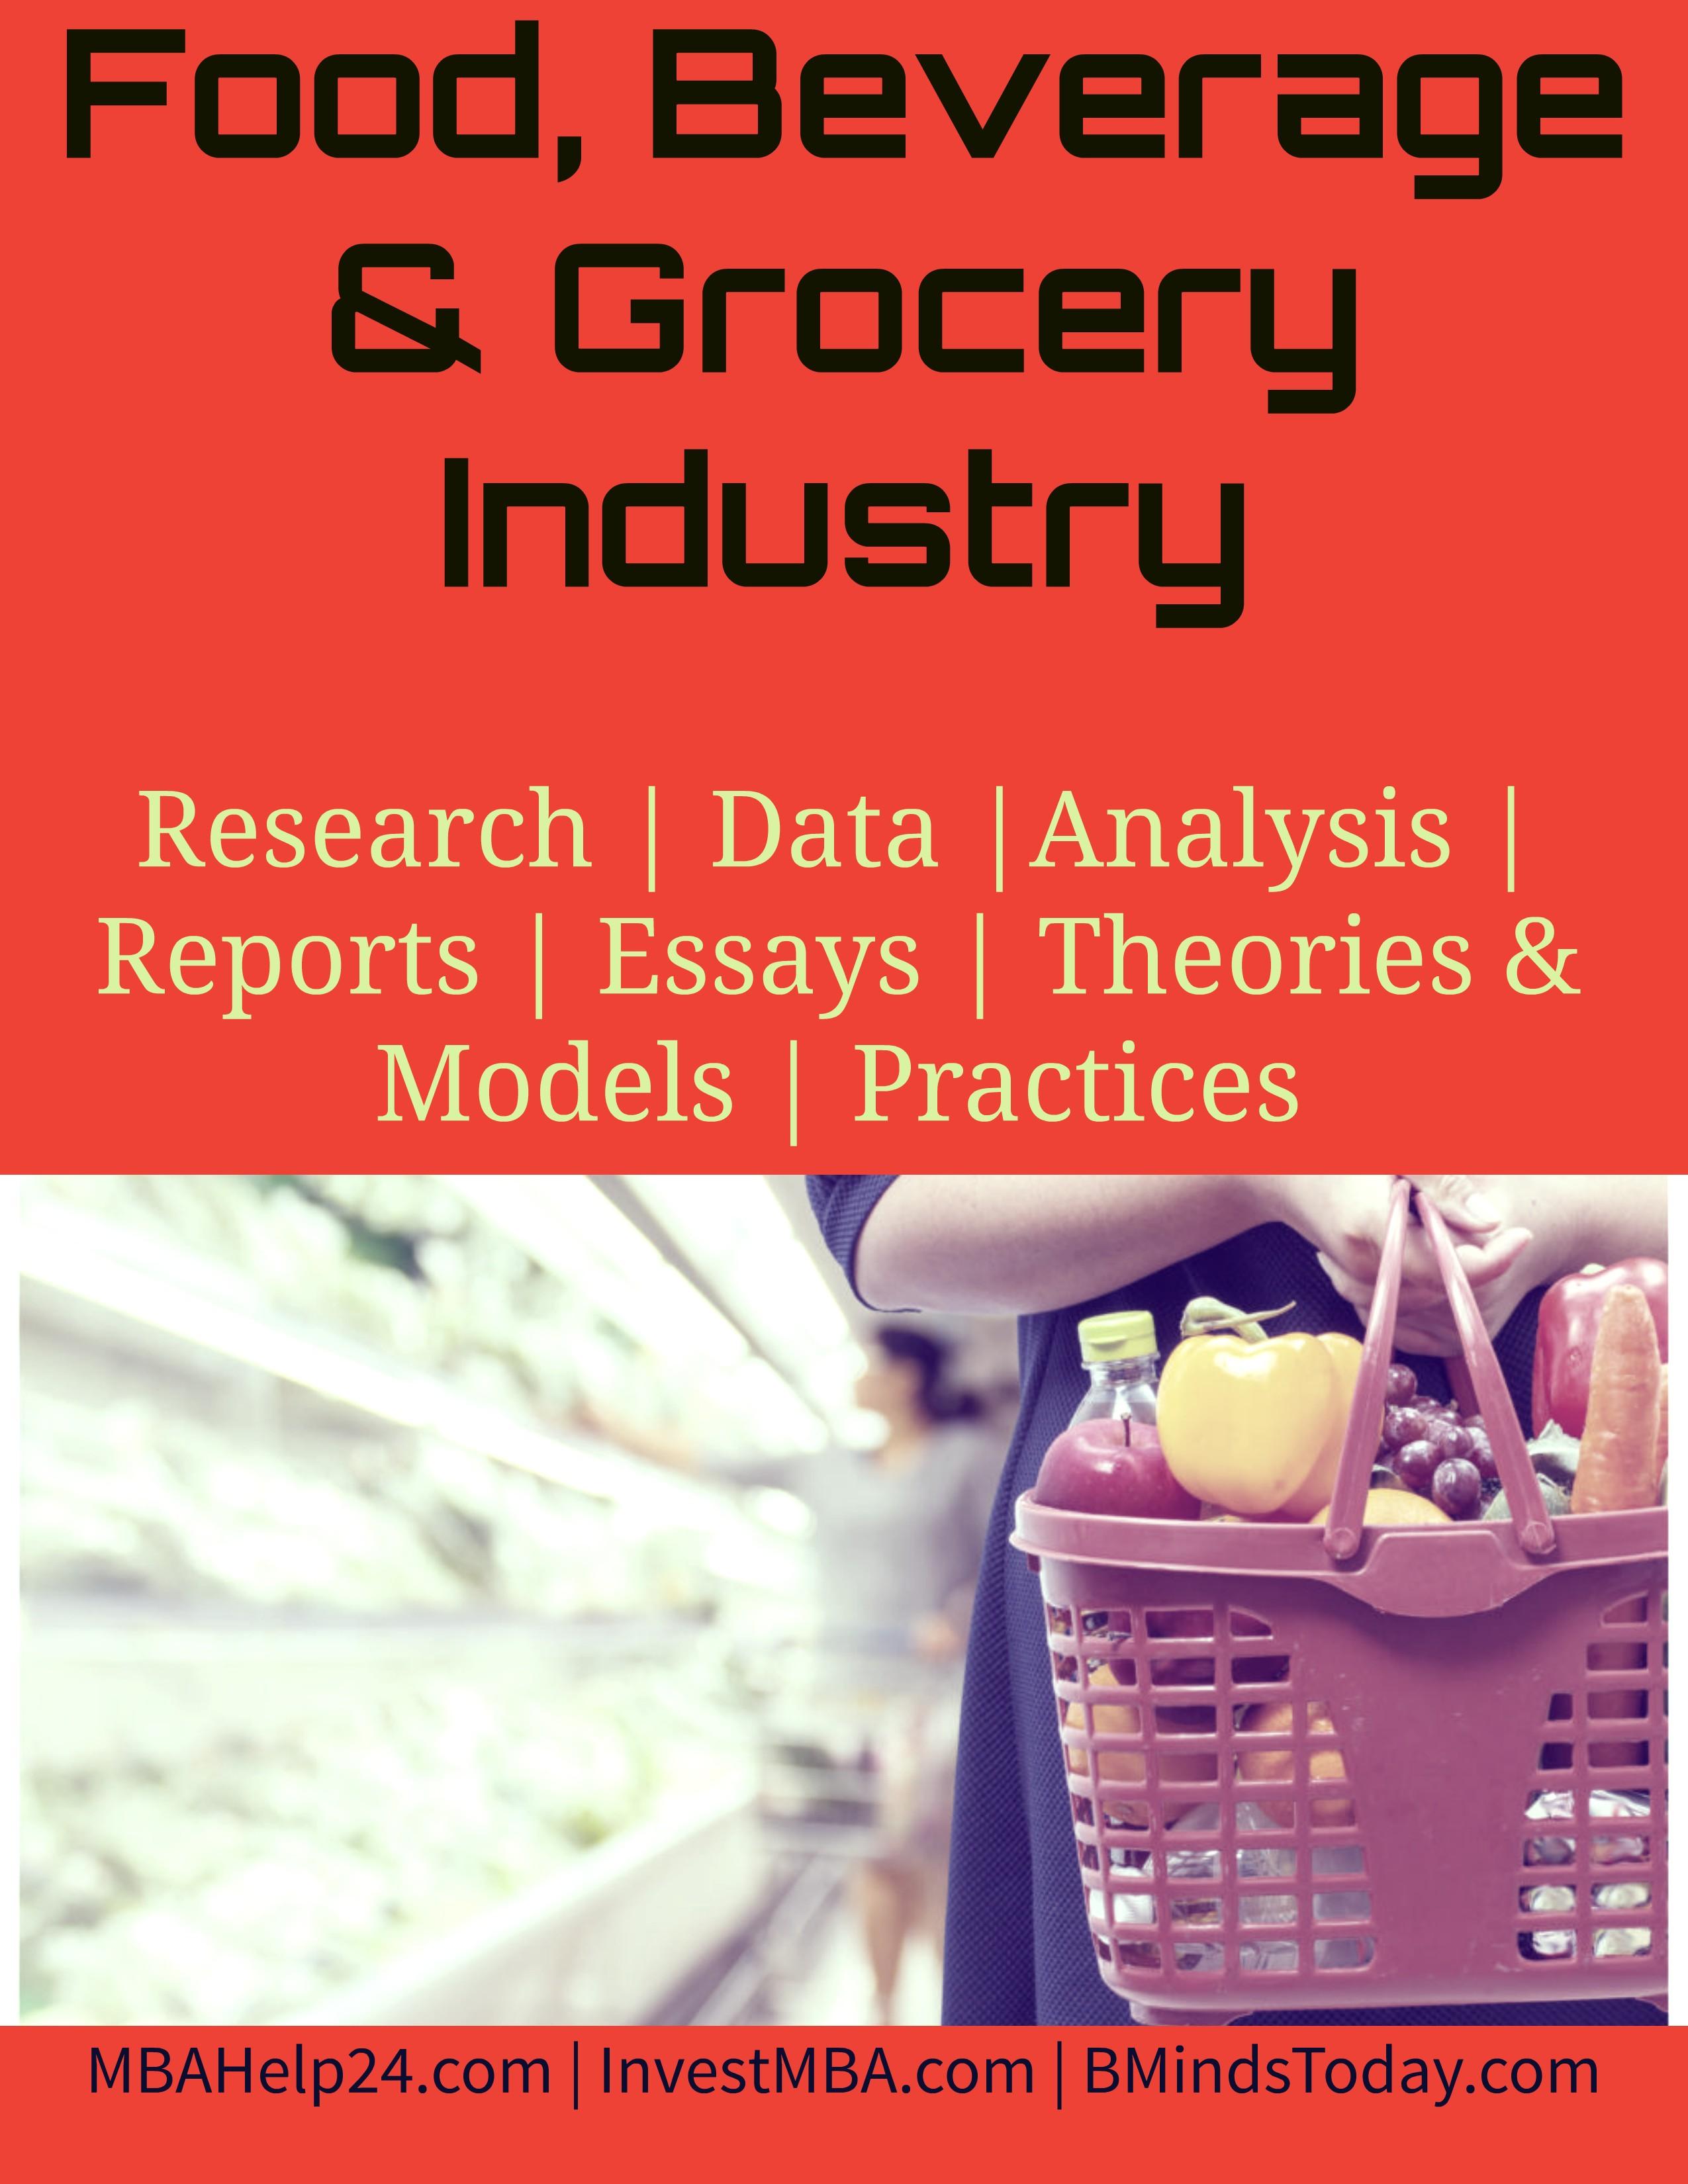 Food, Beverage & Grocery Industry Food Food, Beverage and Grocery Industry Food Beverage Grocery Industry